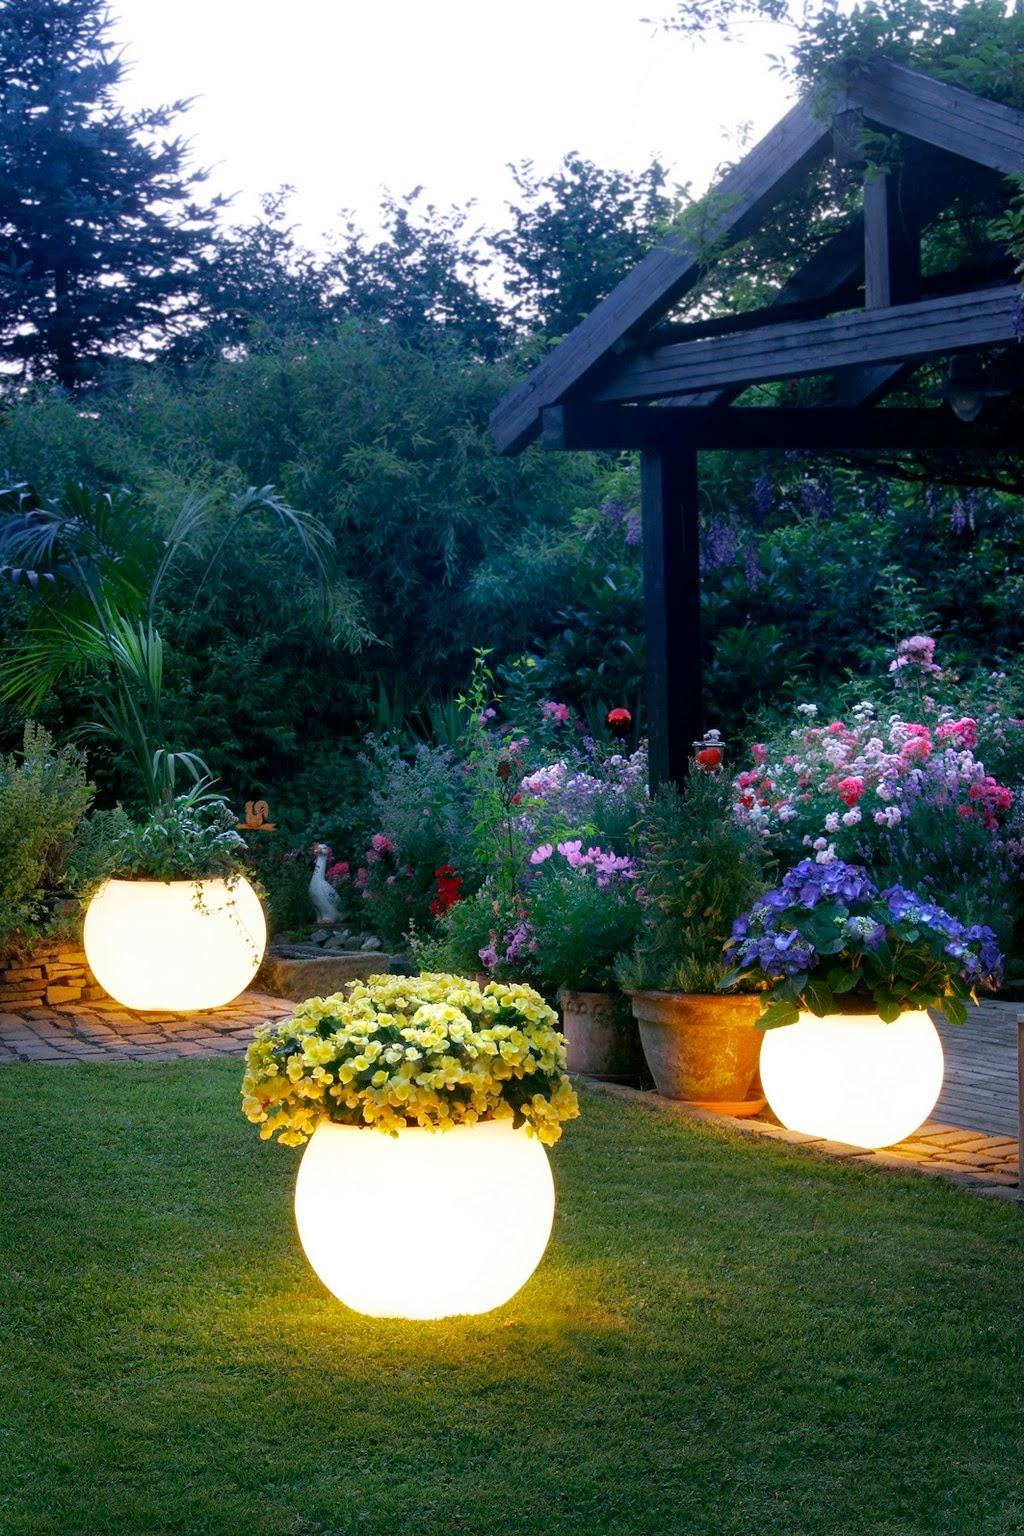 Les pots de fleurs brillants dans le noir sont une idée très fonctionnelle, car la nuit ils jouent le rôle de lanternes et le jour ce sont des pots de fleurs ordinaires avec des fleurs.